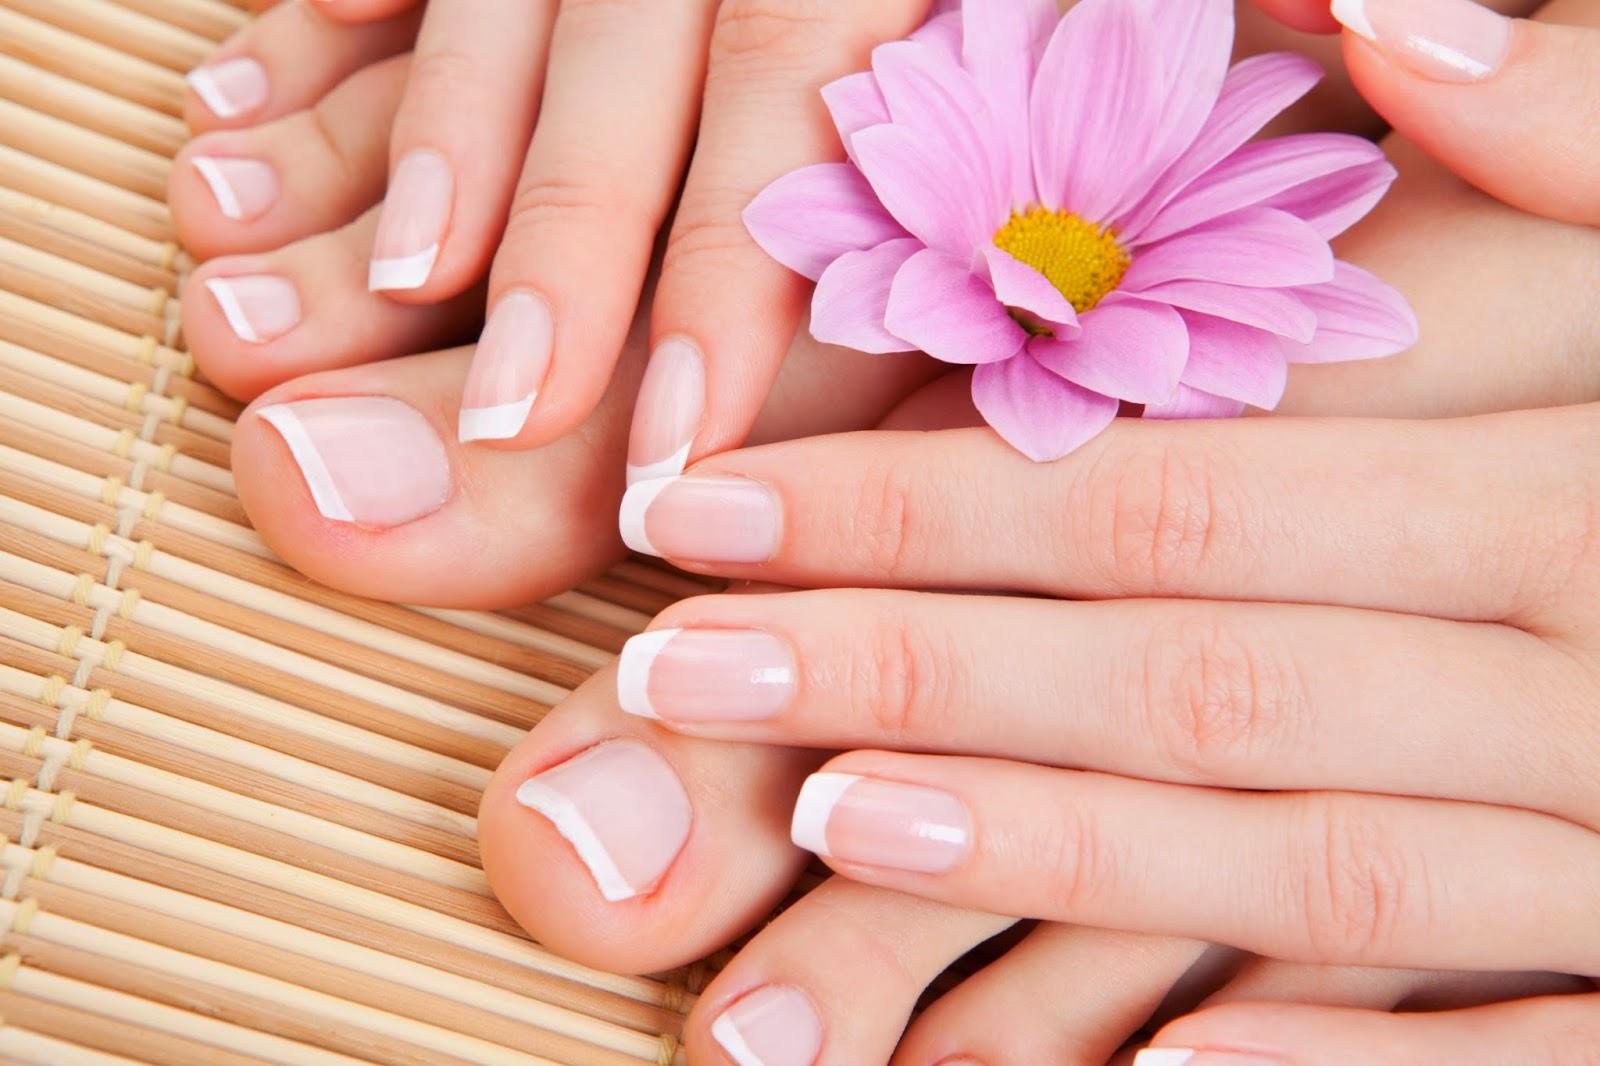 Home manicure pedicure dubai